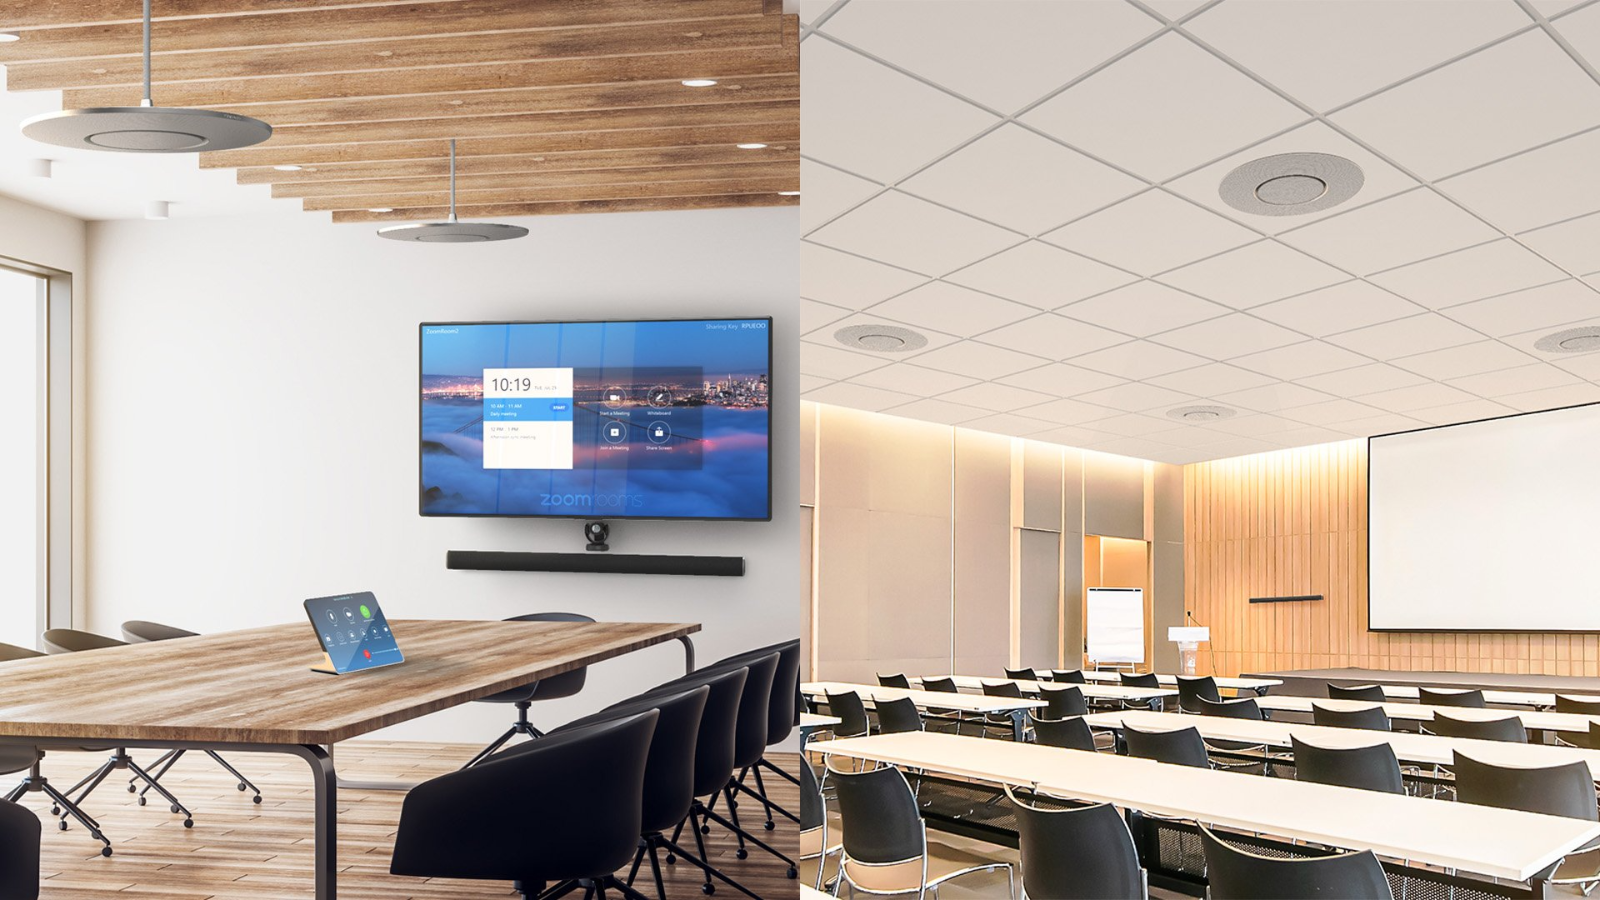 Unifica todo el audio de la sala de conferencias con una sola solución